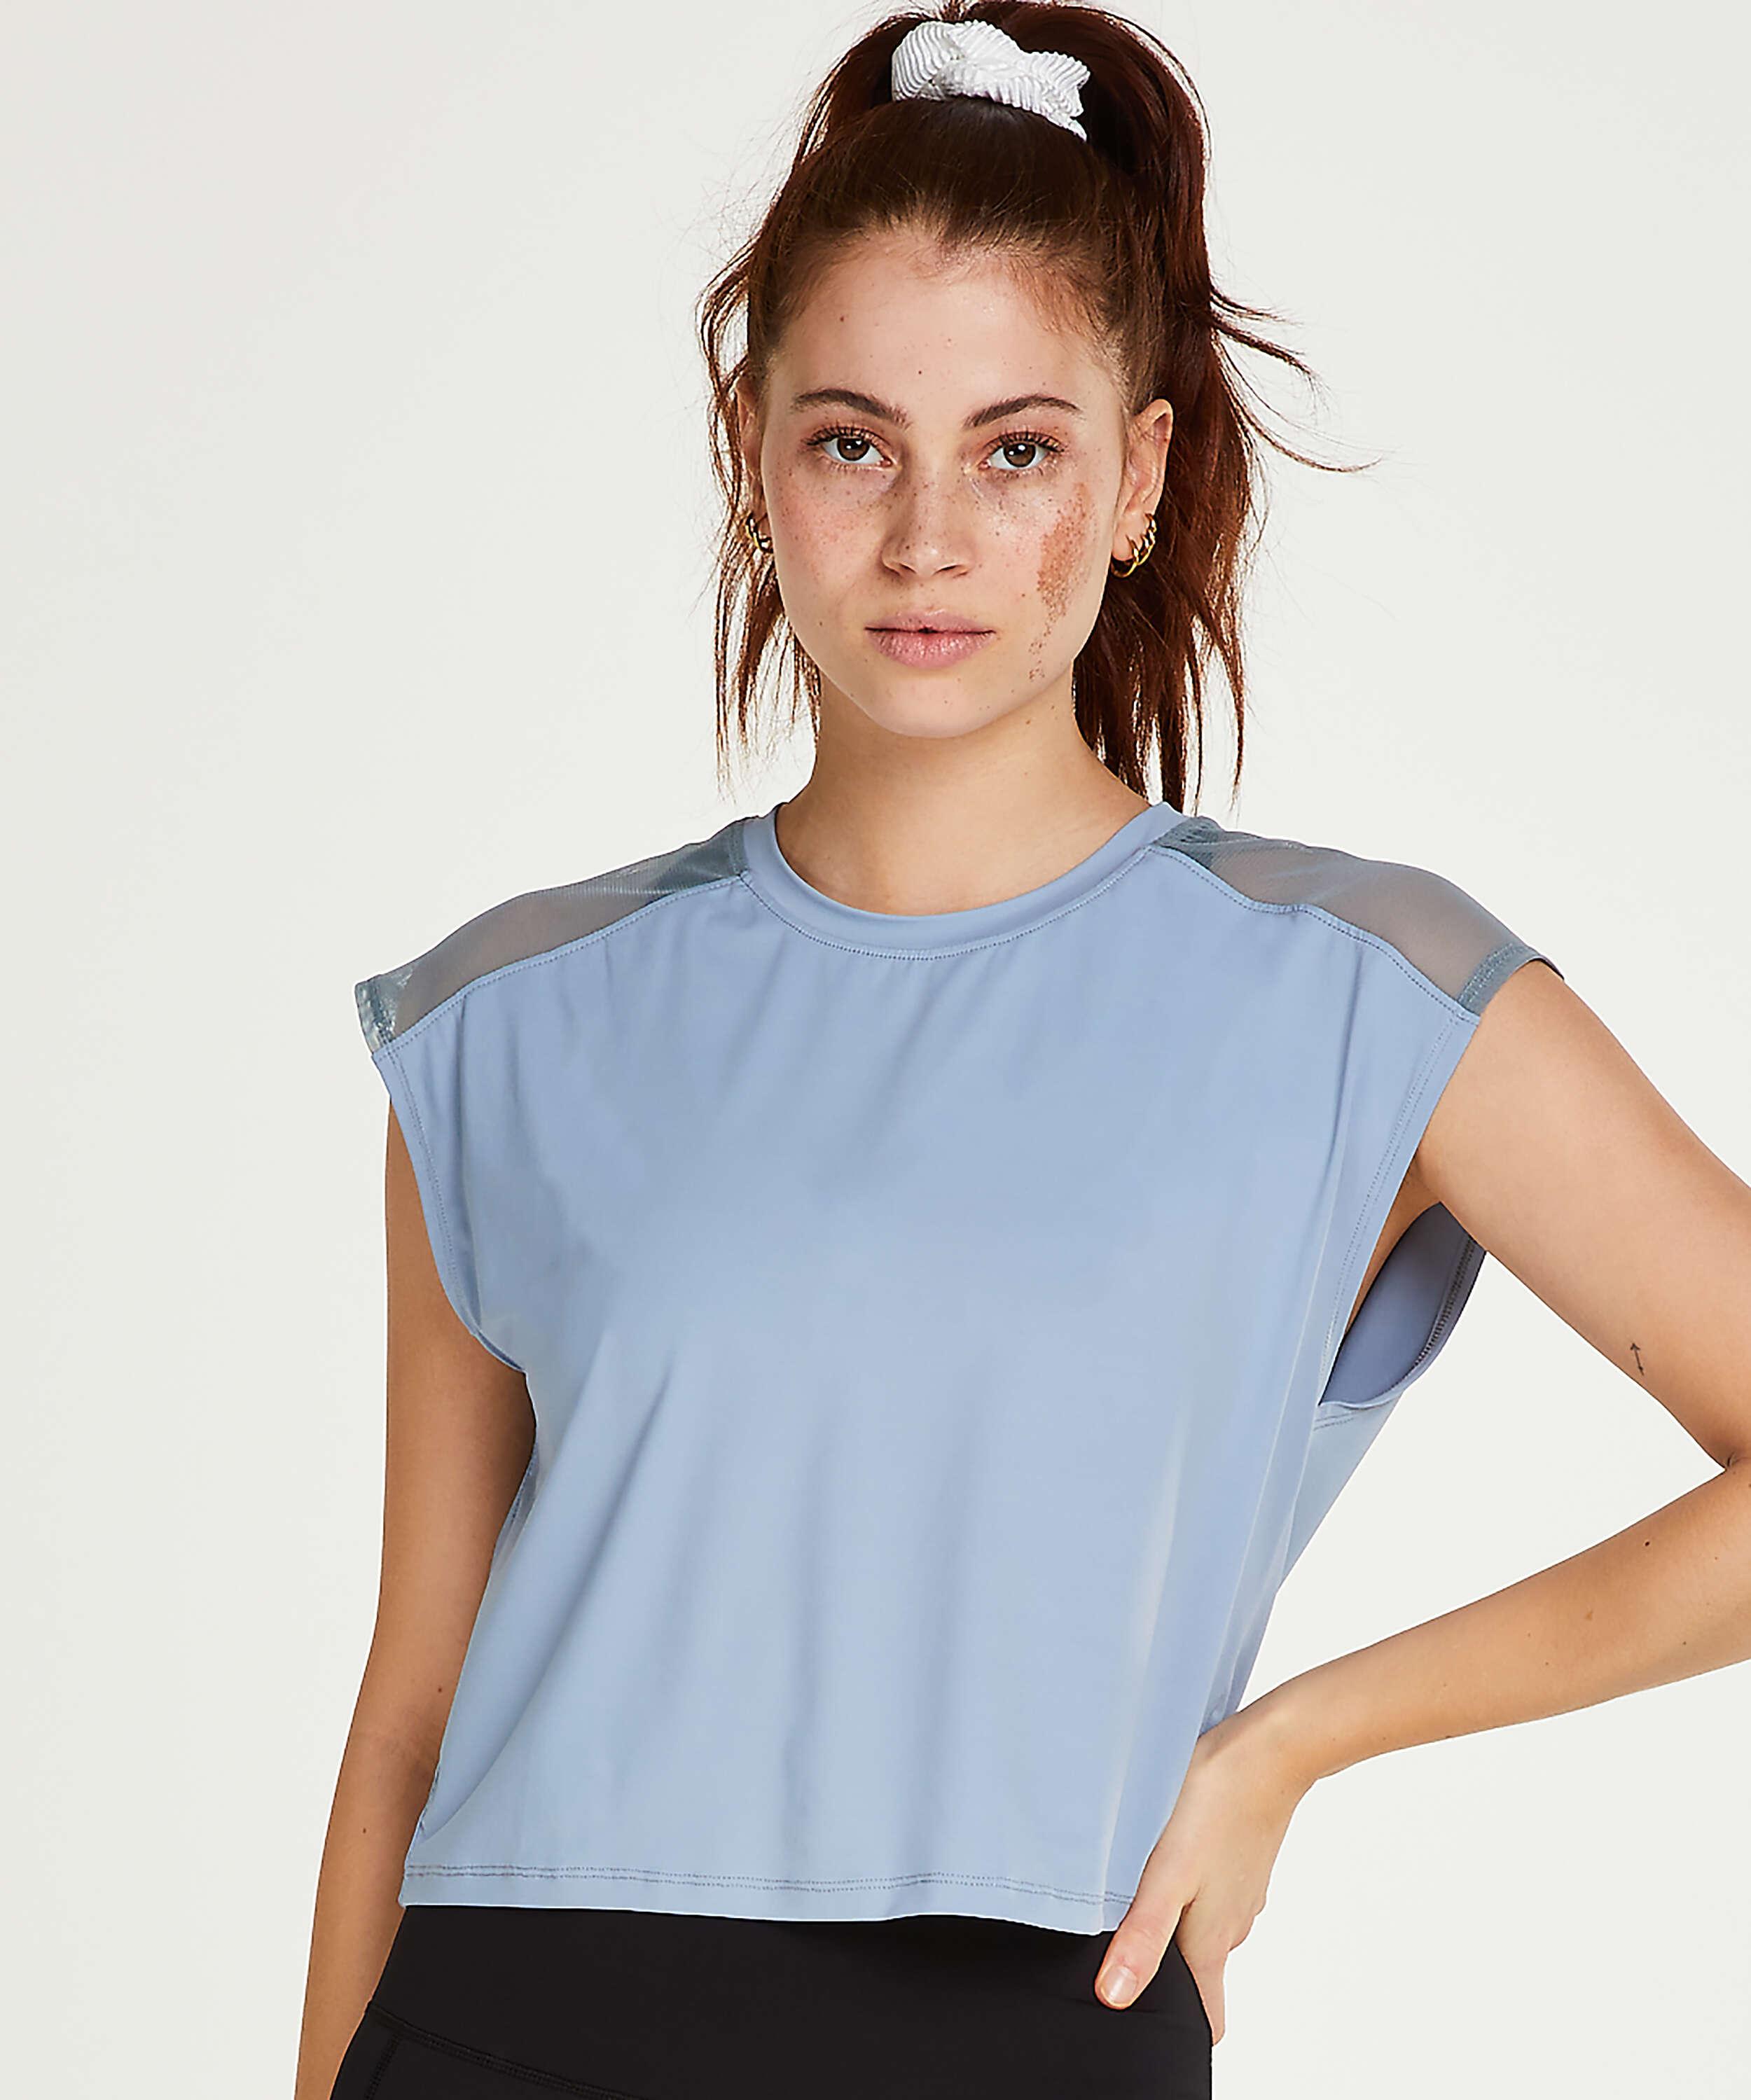 HKMX Sport T-shirt Joya, blå, main